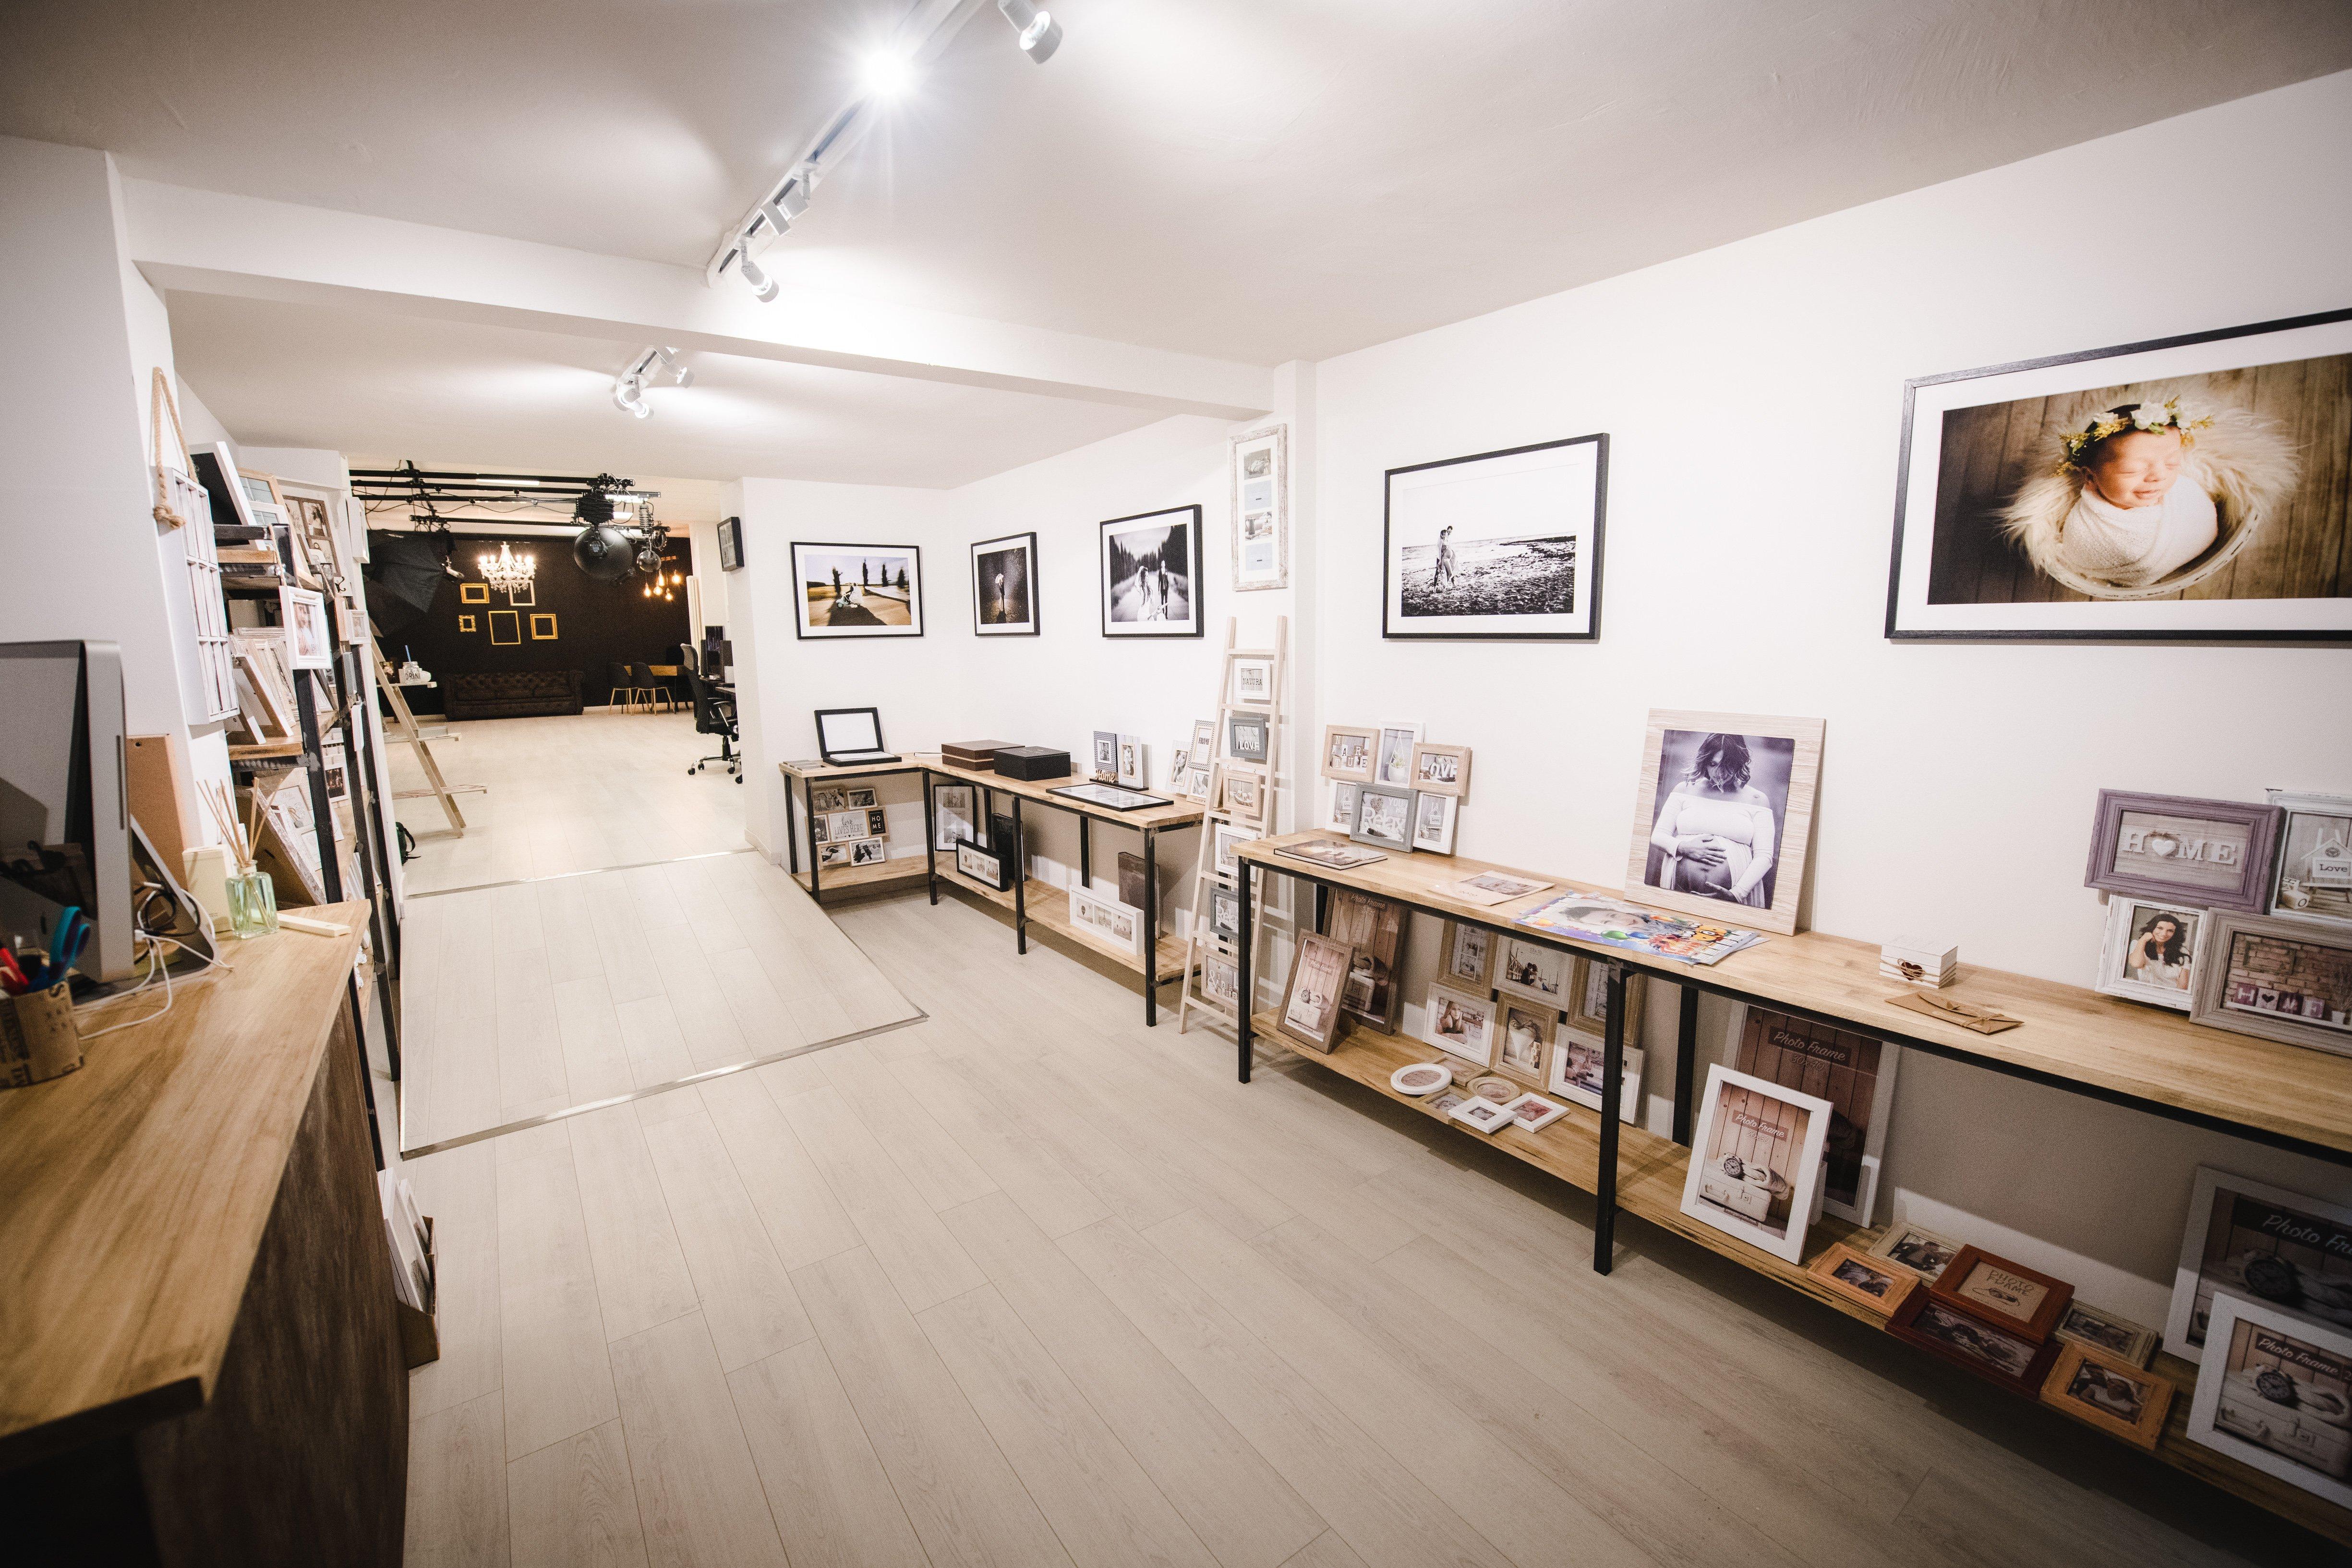 studio treart borgo san lorenzo fotografo mugello